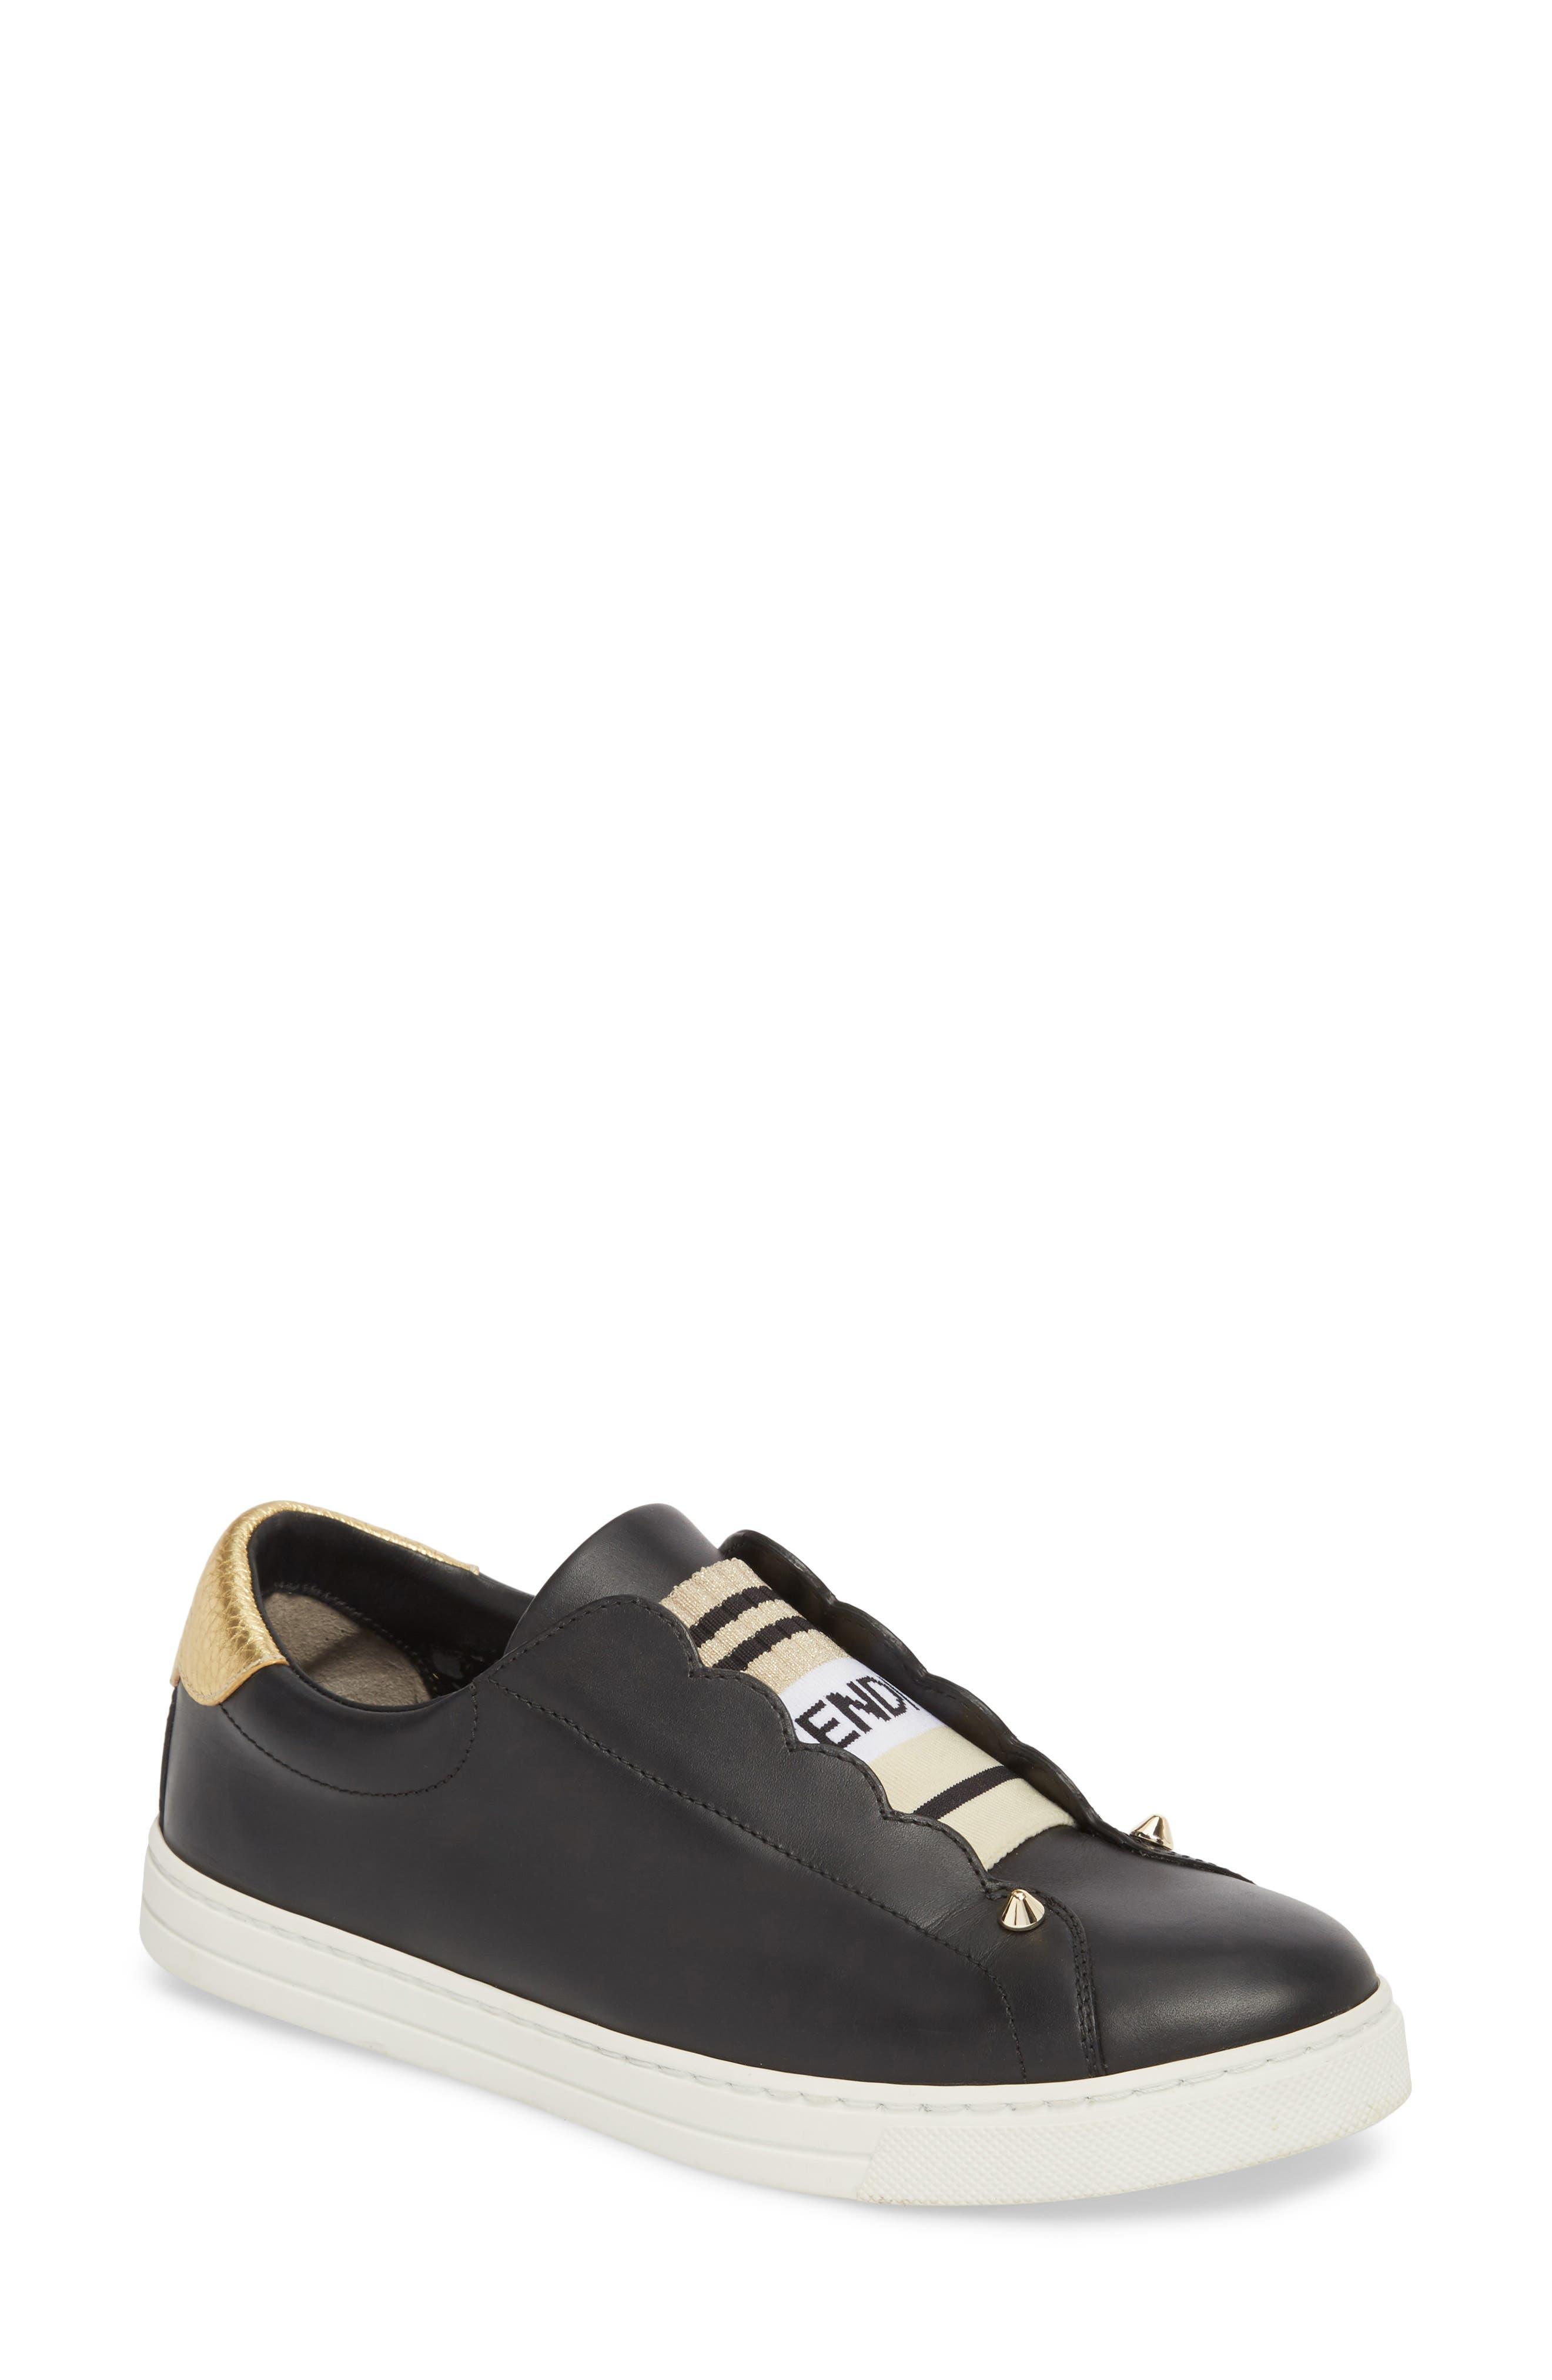 Rockono Slip-On Sneaker,                         Main,                         color, Black